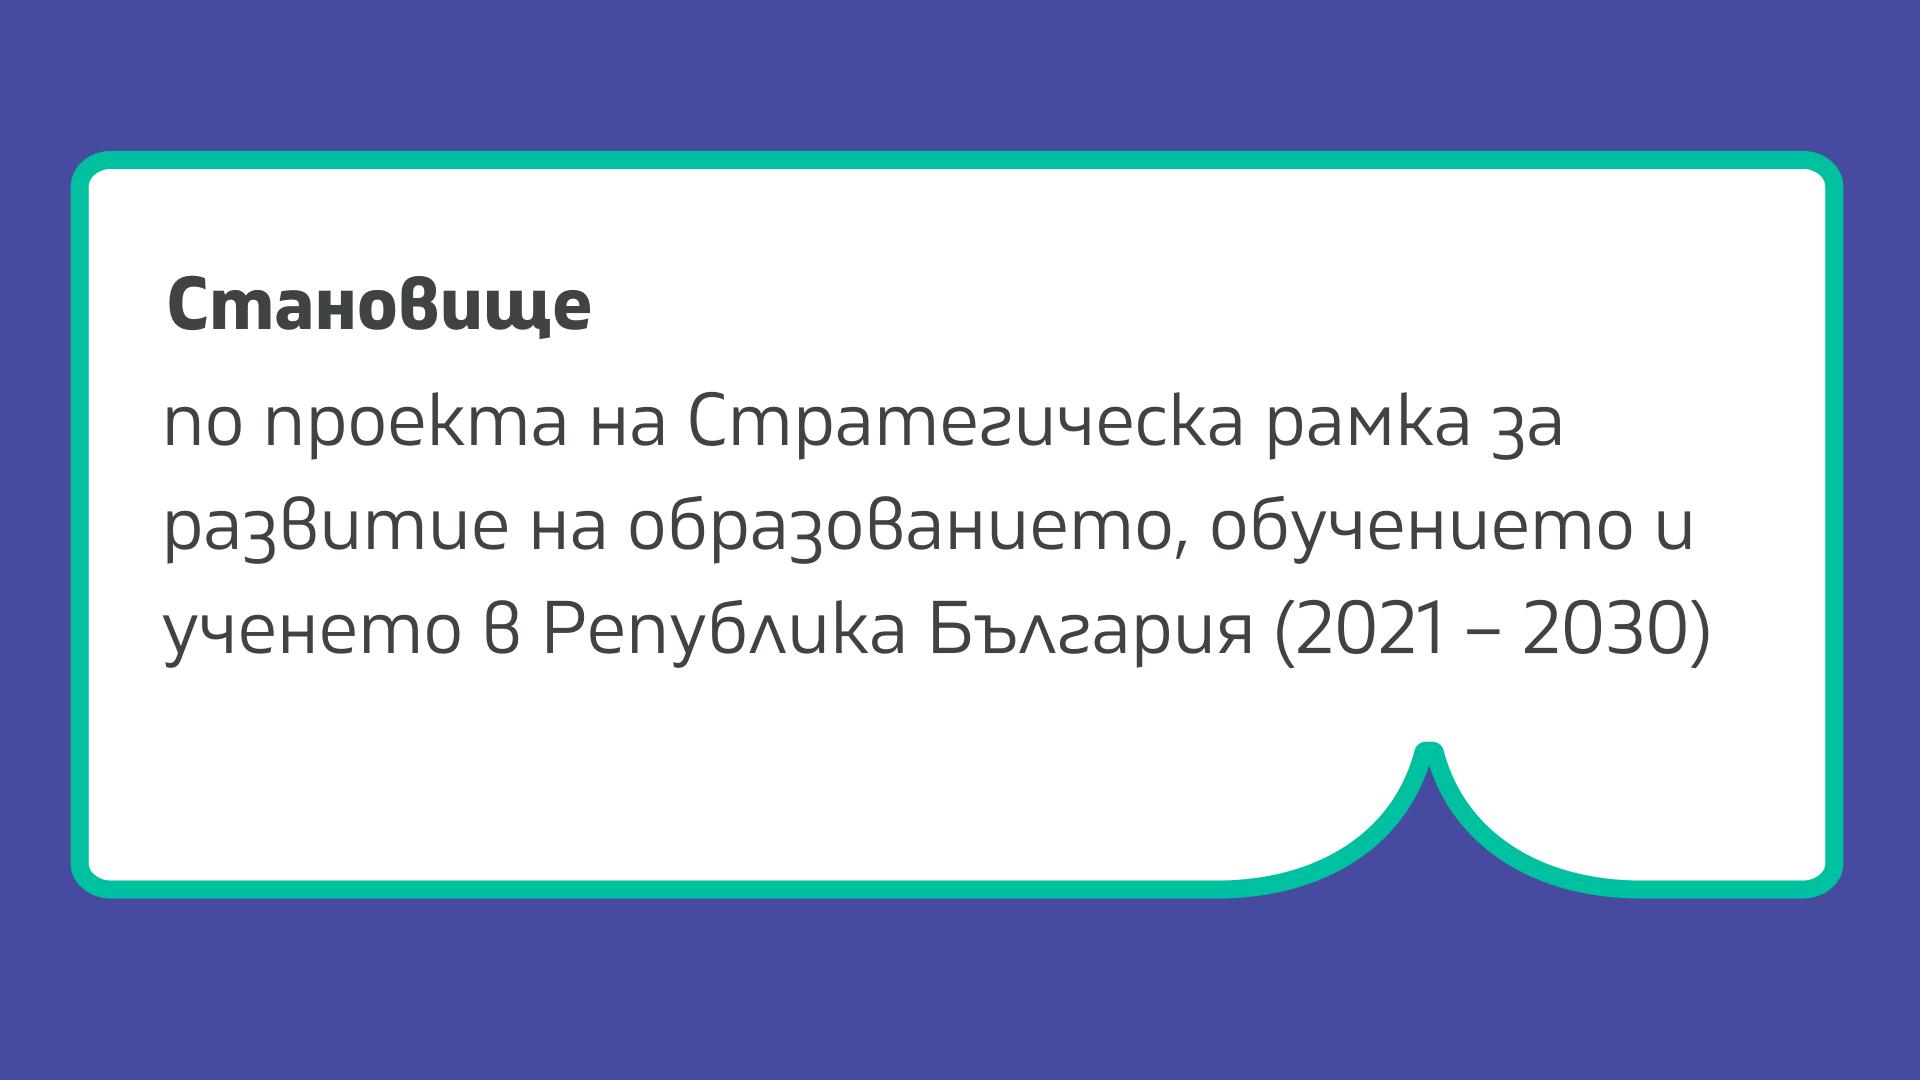 """Становище на Фондация """"Заедно в час"""" по проекта на Стратегическа рамка за развитие на образованието, обучението и ученето в Република България"""